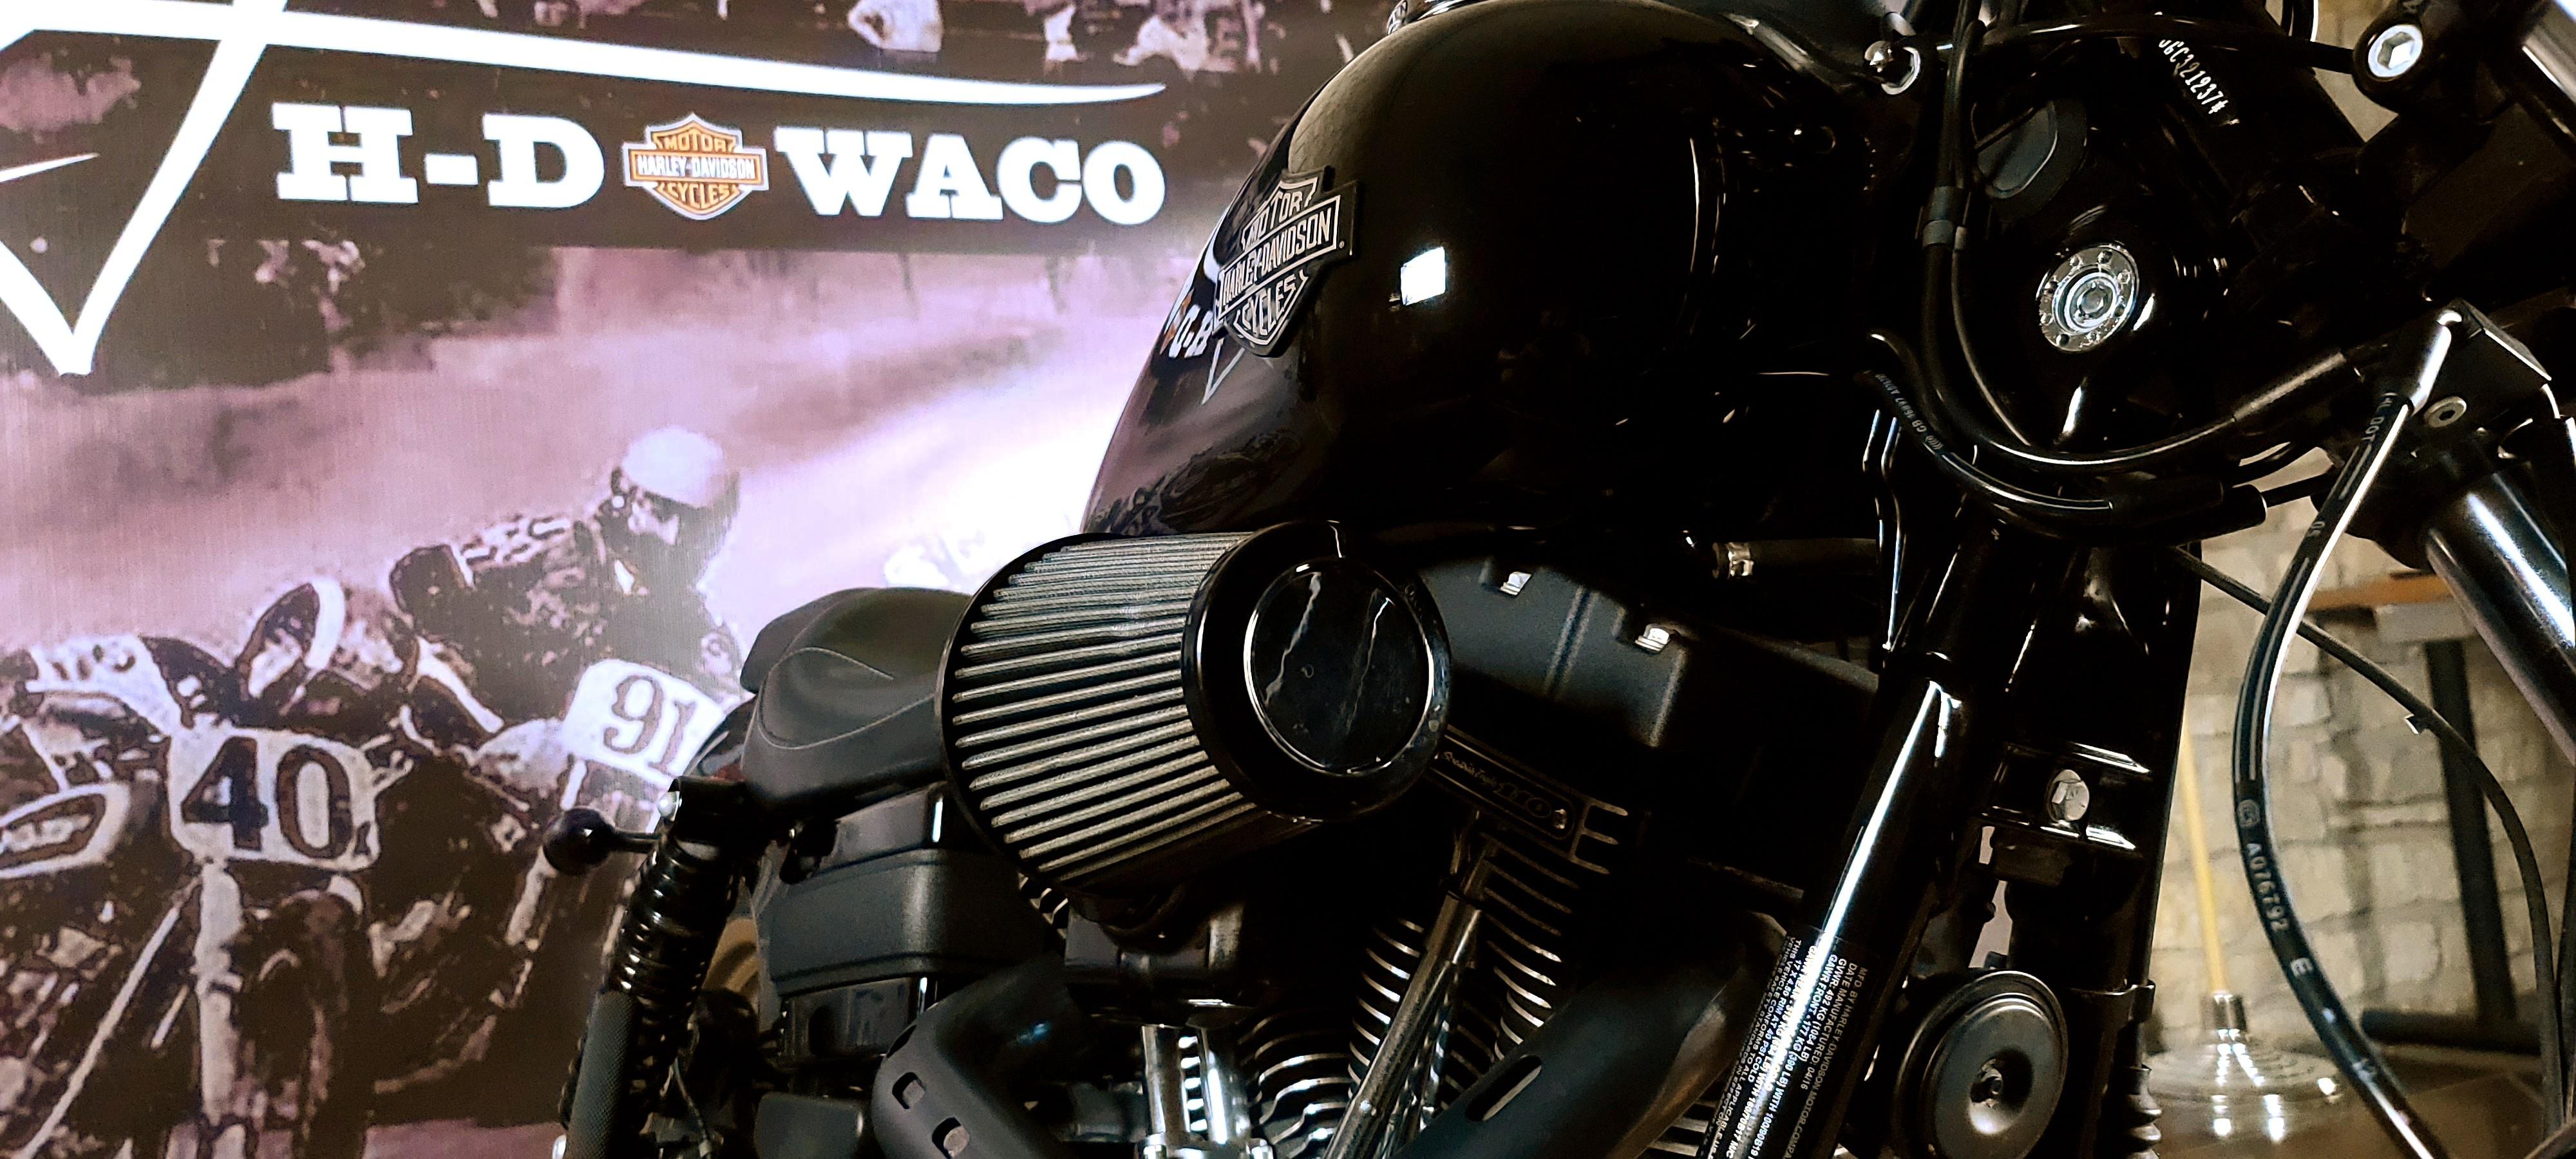 2016 Harley-Davidson S-Series Low Rider at Harley-Davidson of Waco